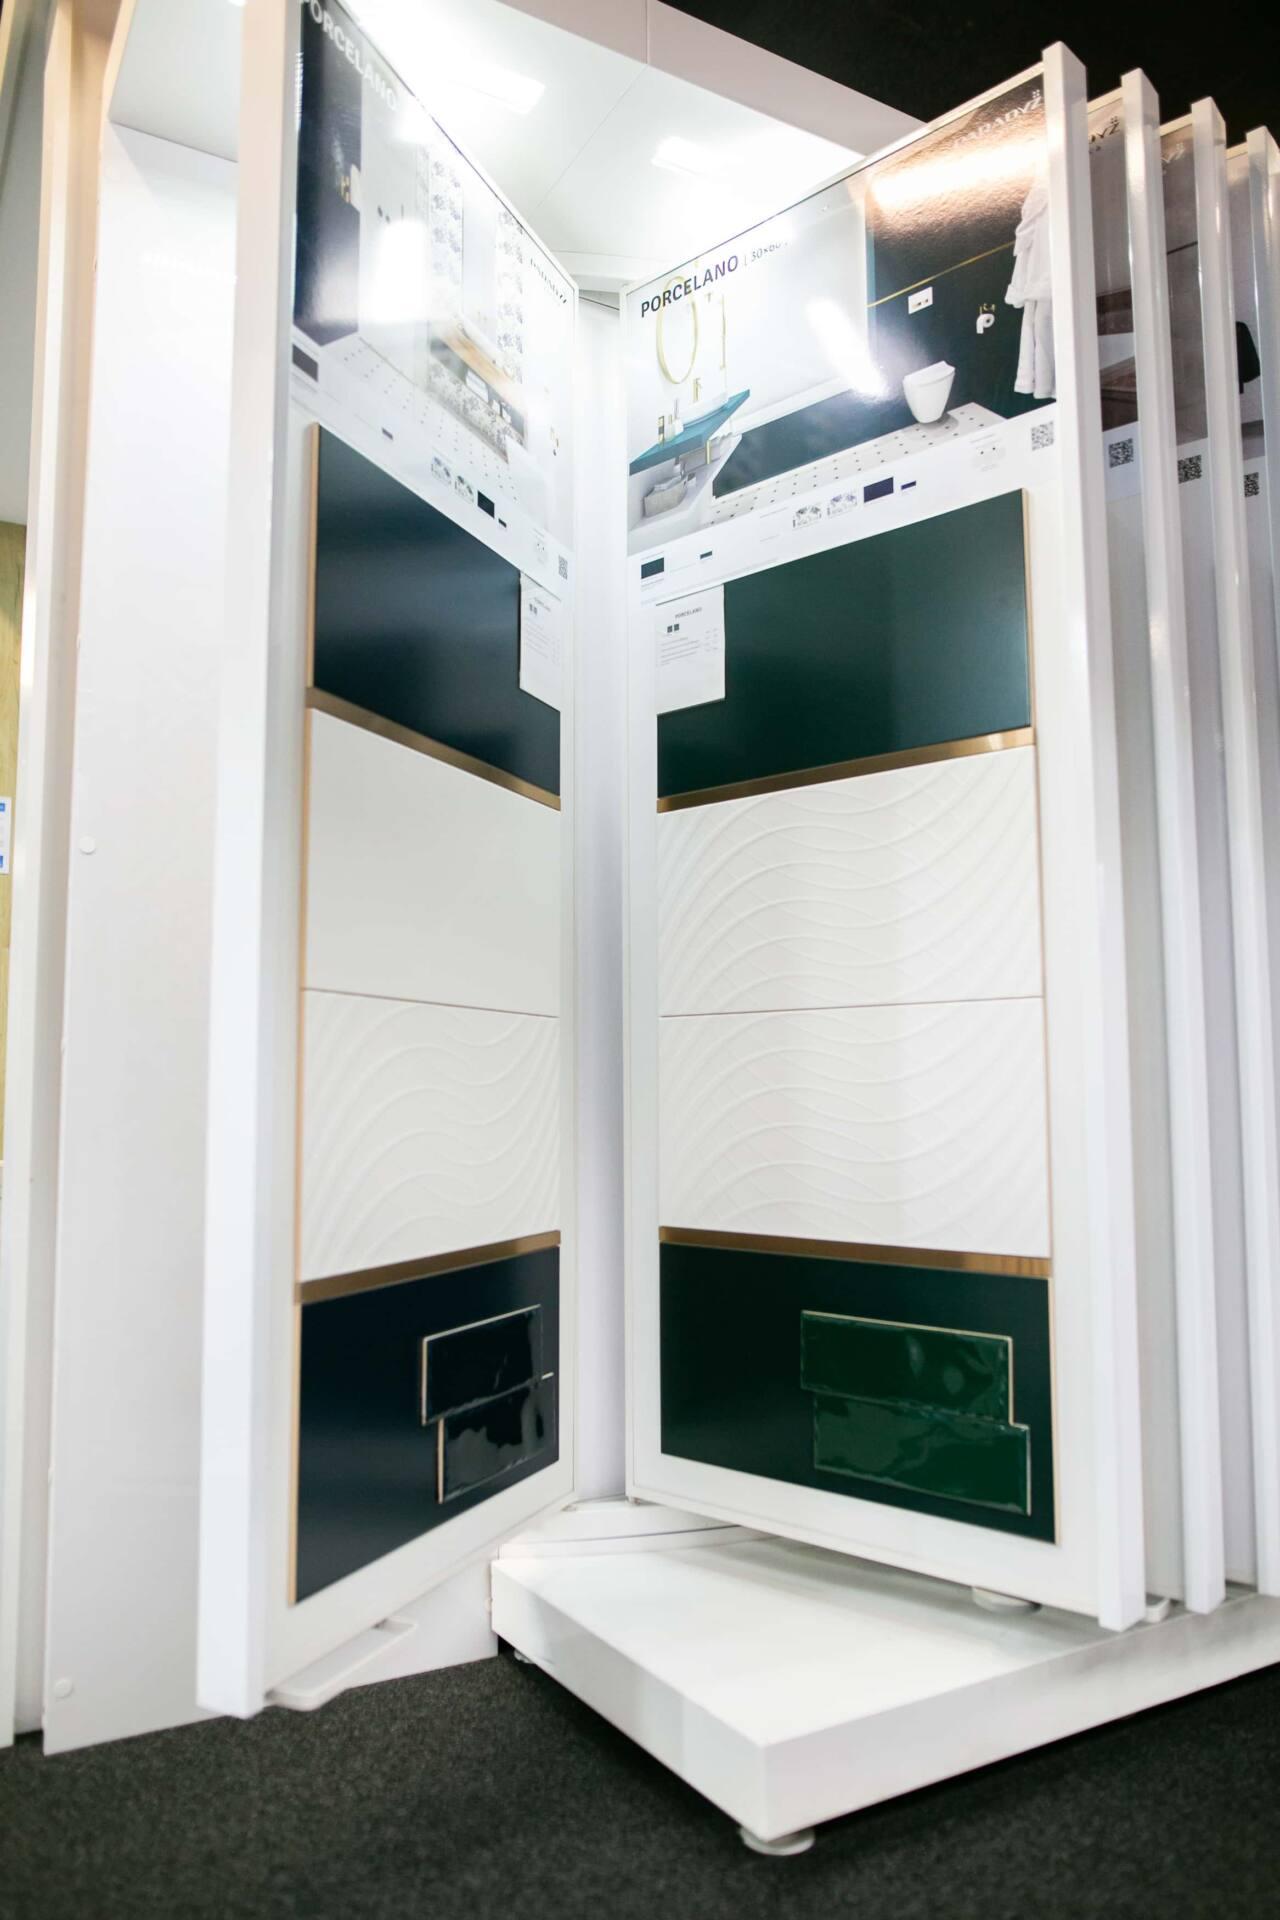 5db 5598 Salon BLU: na ponad 500 m2., 36 łazienkowych aranżacji i bogata ekspozycja wyposażenia (zdjęcia)